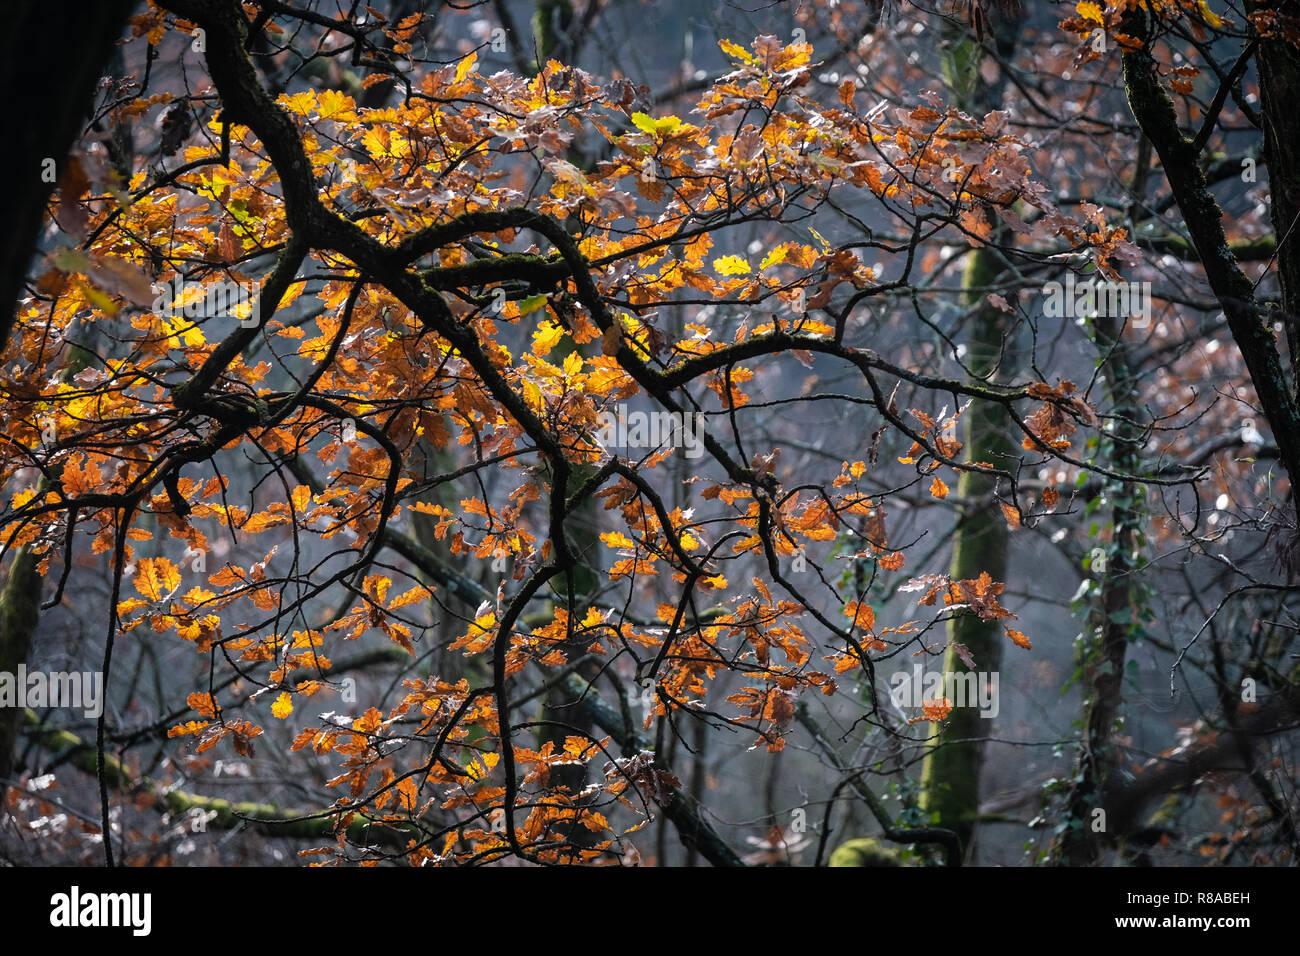 foto de Forêt d'automne. Feuilles de jaune et orange dans les branches d ...